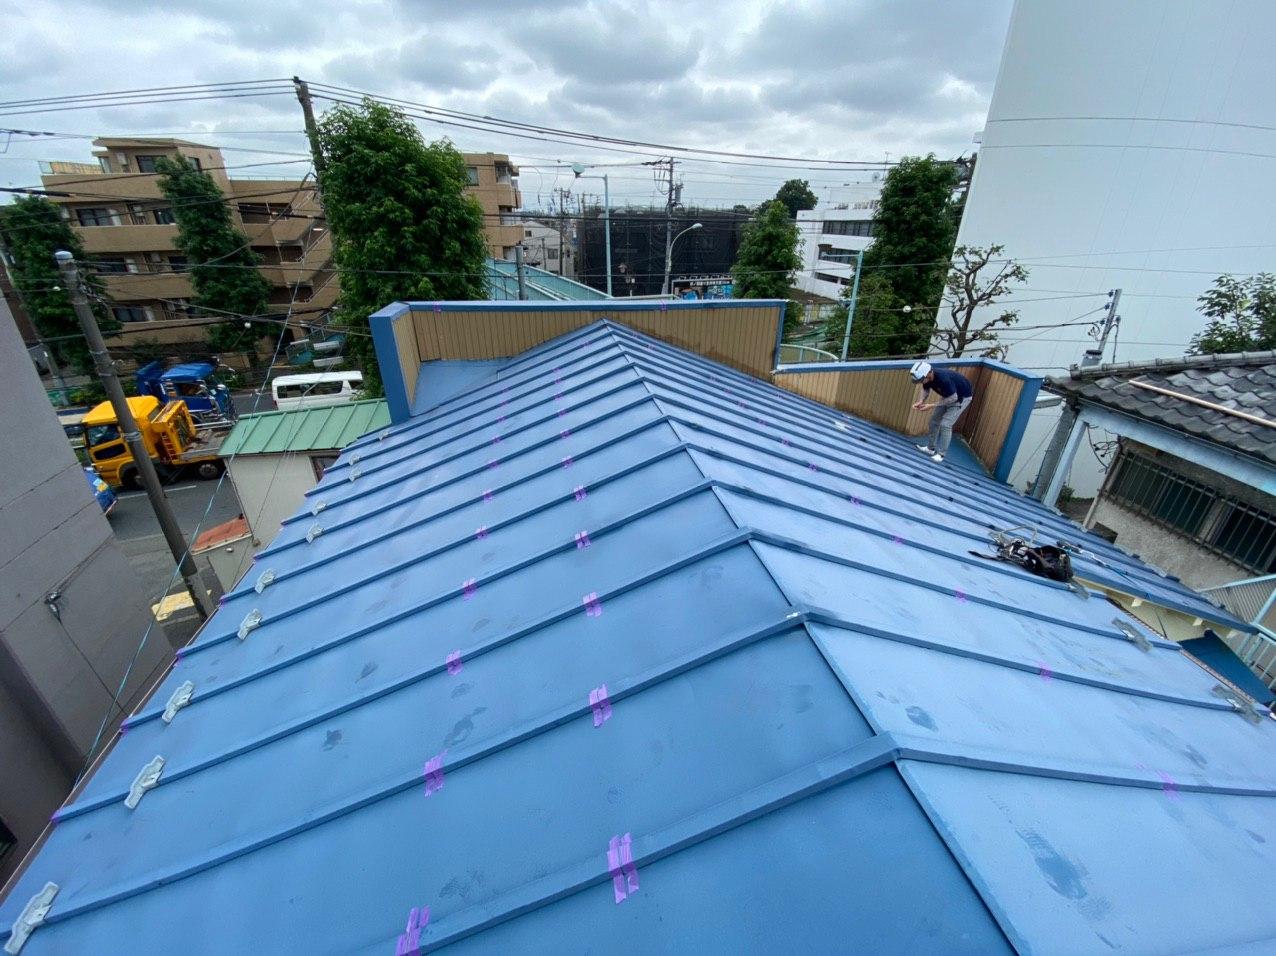 埼玉県川越市にて屋根メンテナンス!シーリング工事を行いました!